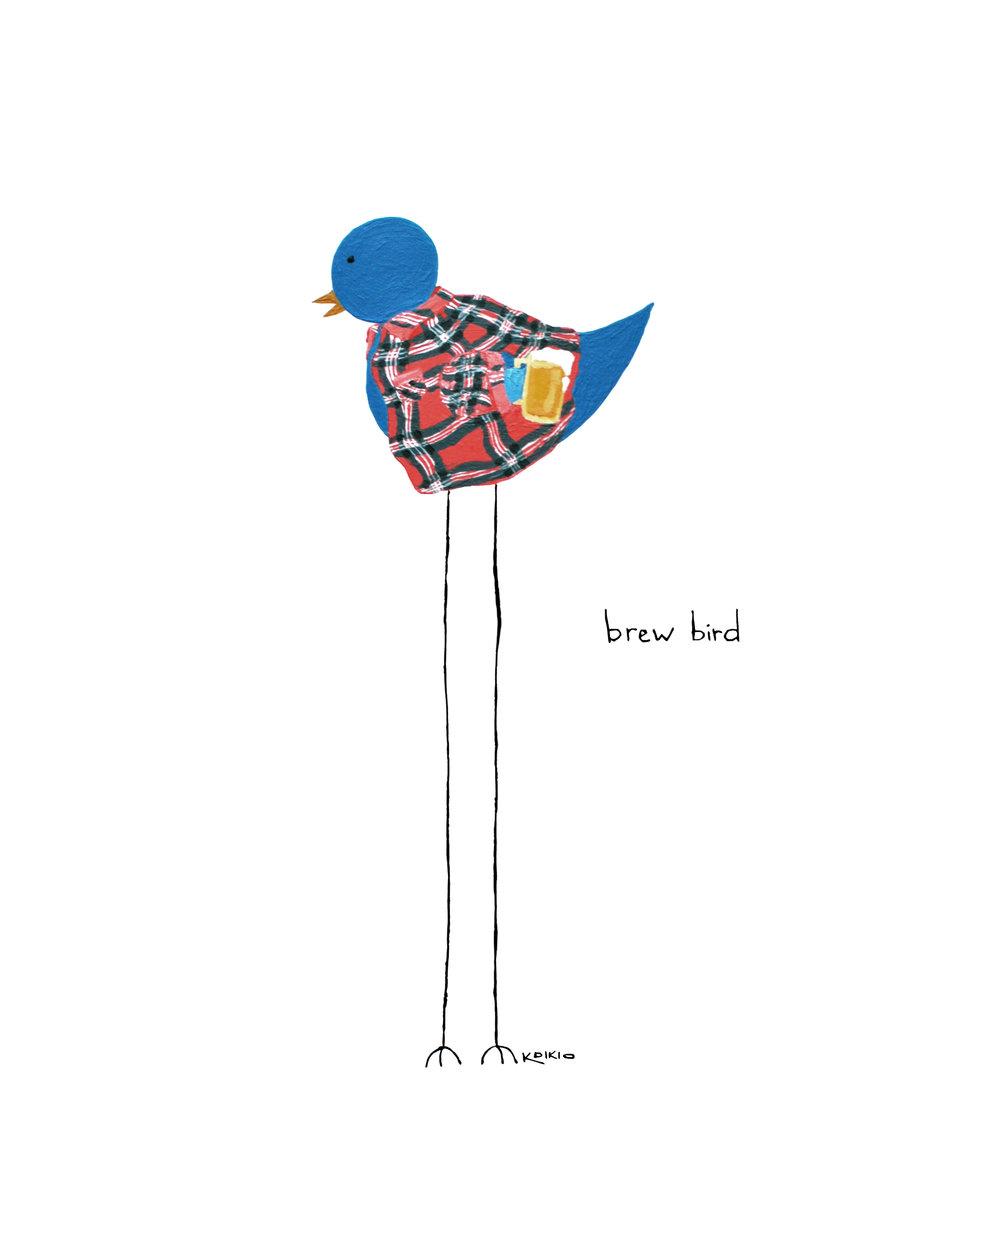 Brew Bird_8x10.jpg